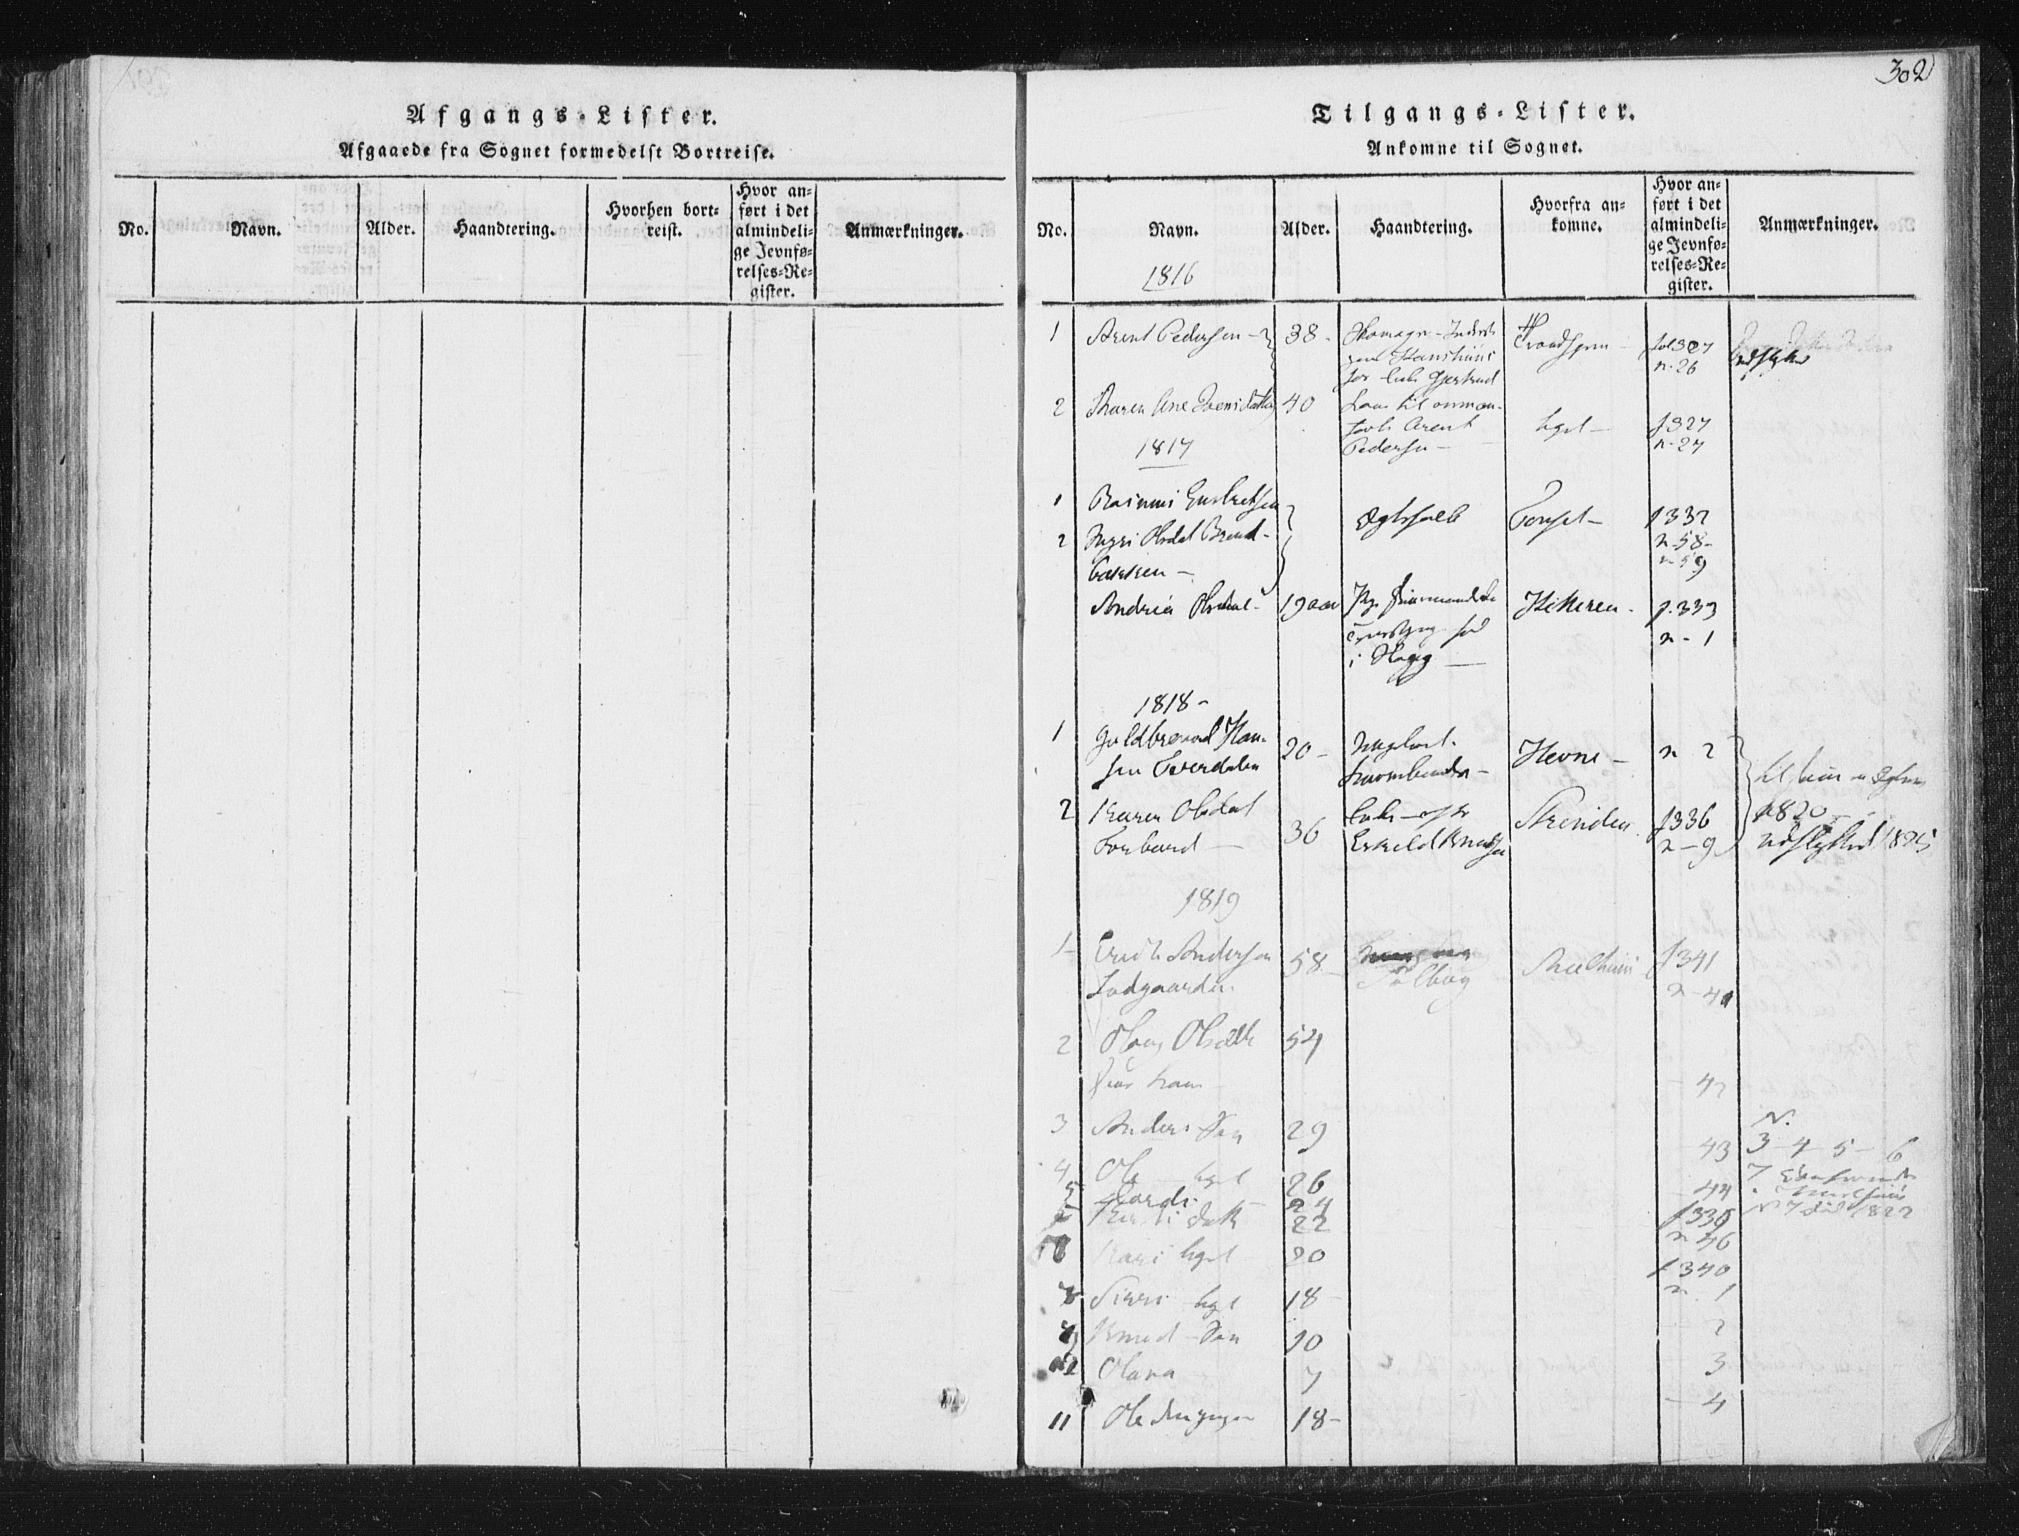 SAT, Ministerialprotokoller, klokkerbøker og fødselsregistre - Sør-Trøndelag, 689/L1037: Ministerialbok nr. 689A02, 1816-1842, s. 302